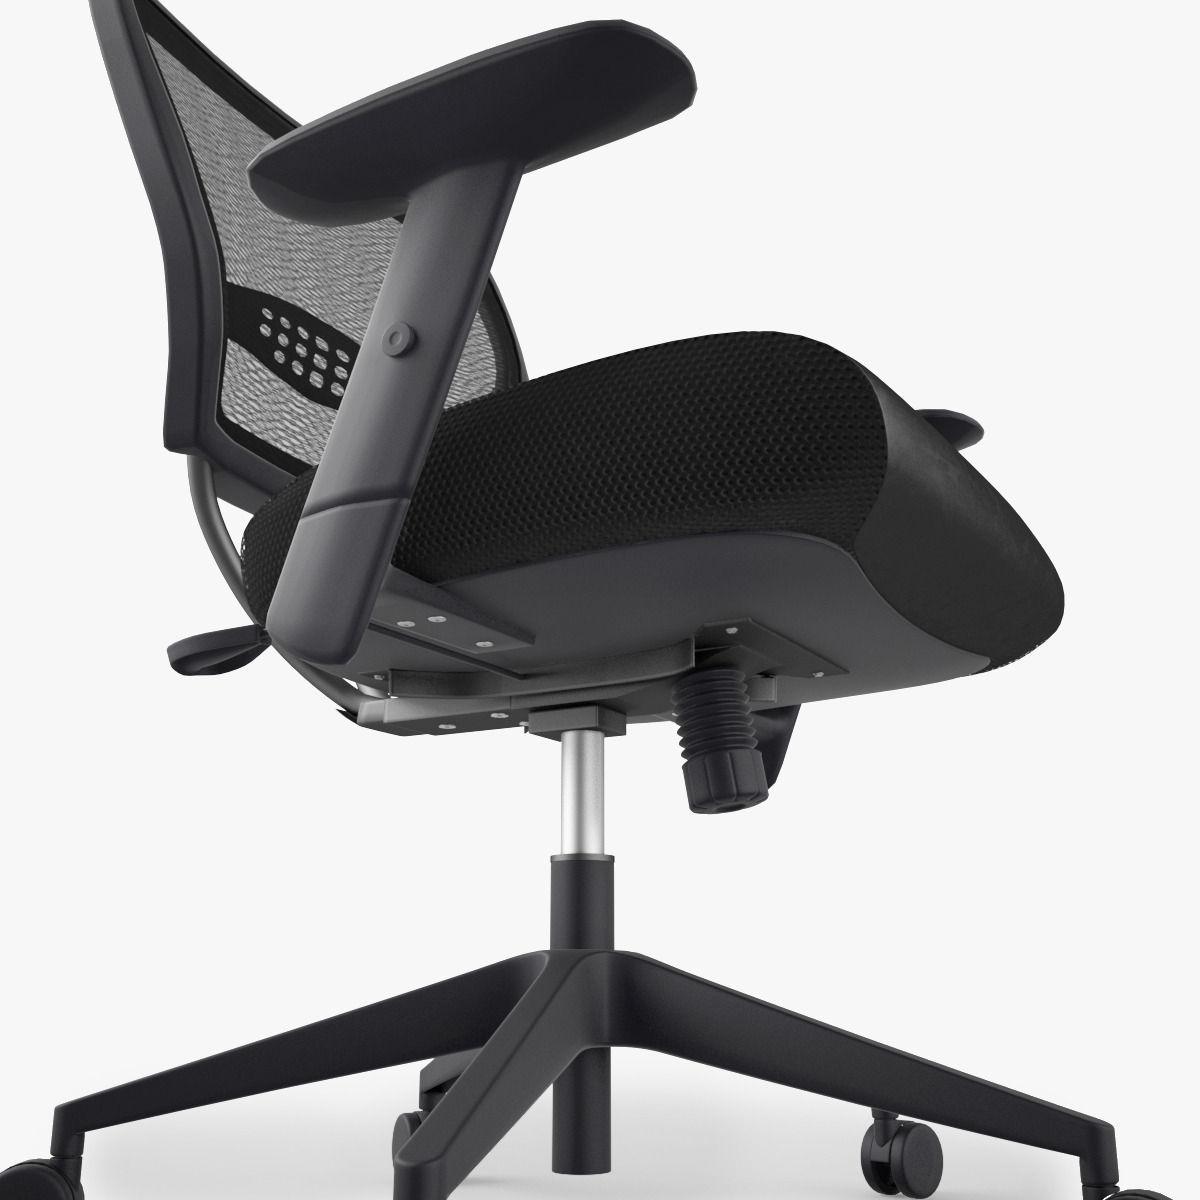 Beau ... Office Star Space Air Grid Chair 3d Model Max Obj Fbx Mtl 5 ...